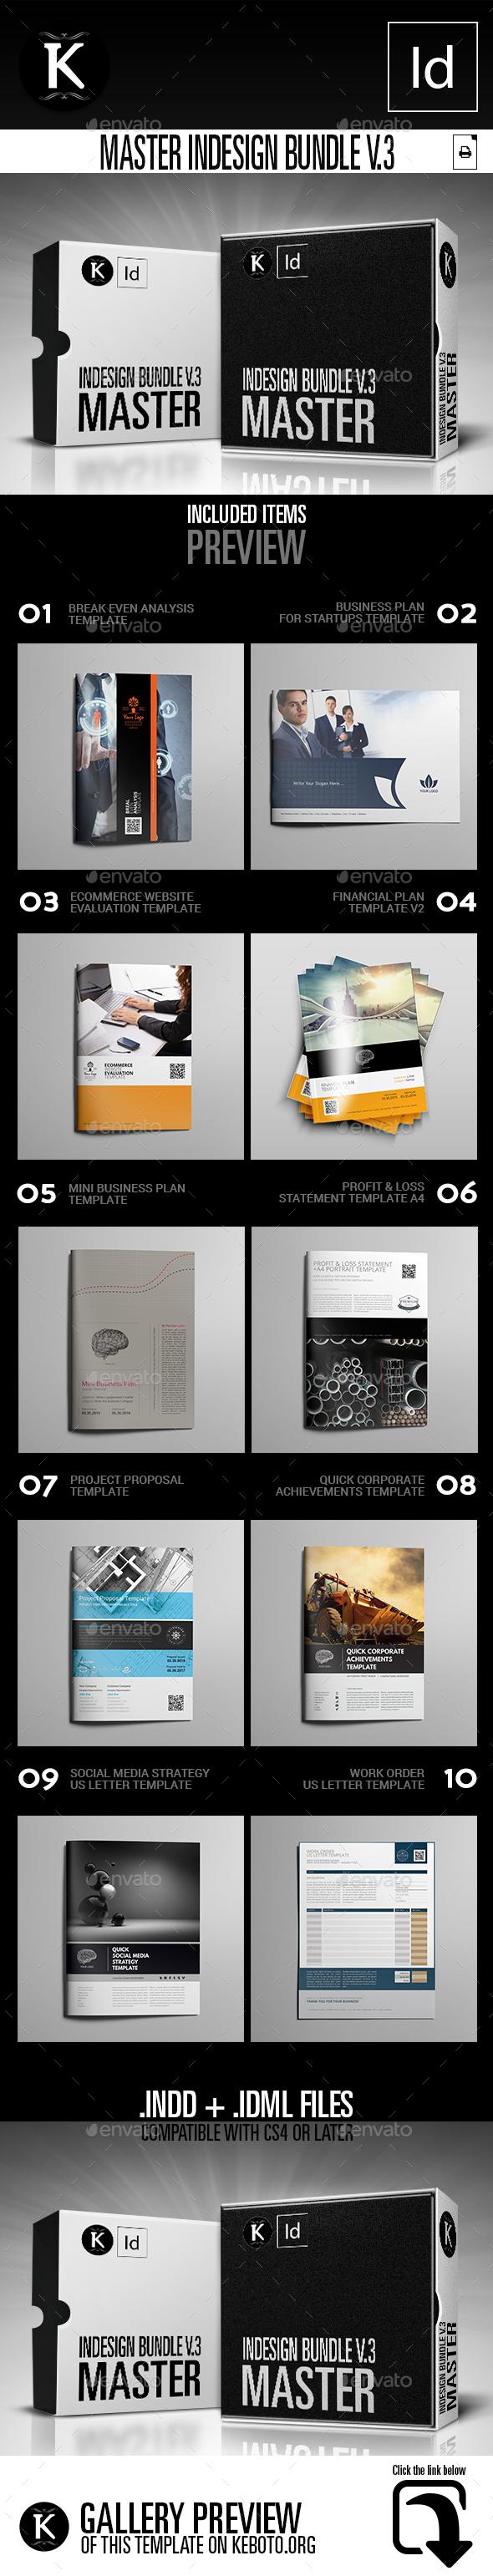 Master inDesign Bundle v.3 - Print Templates